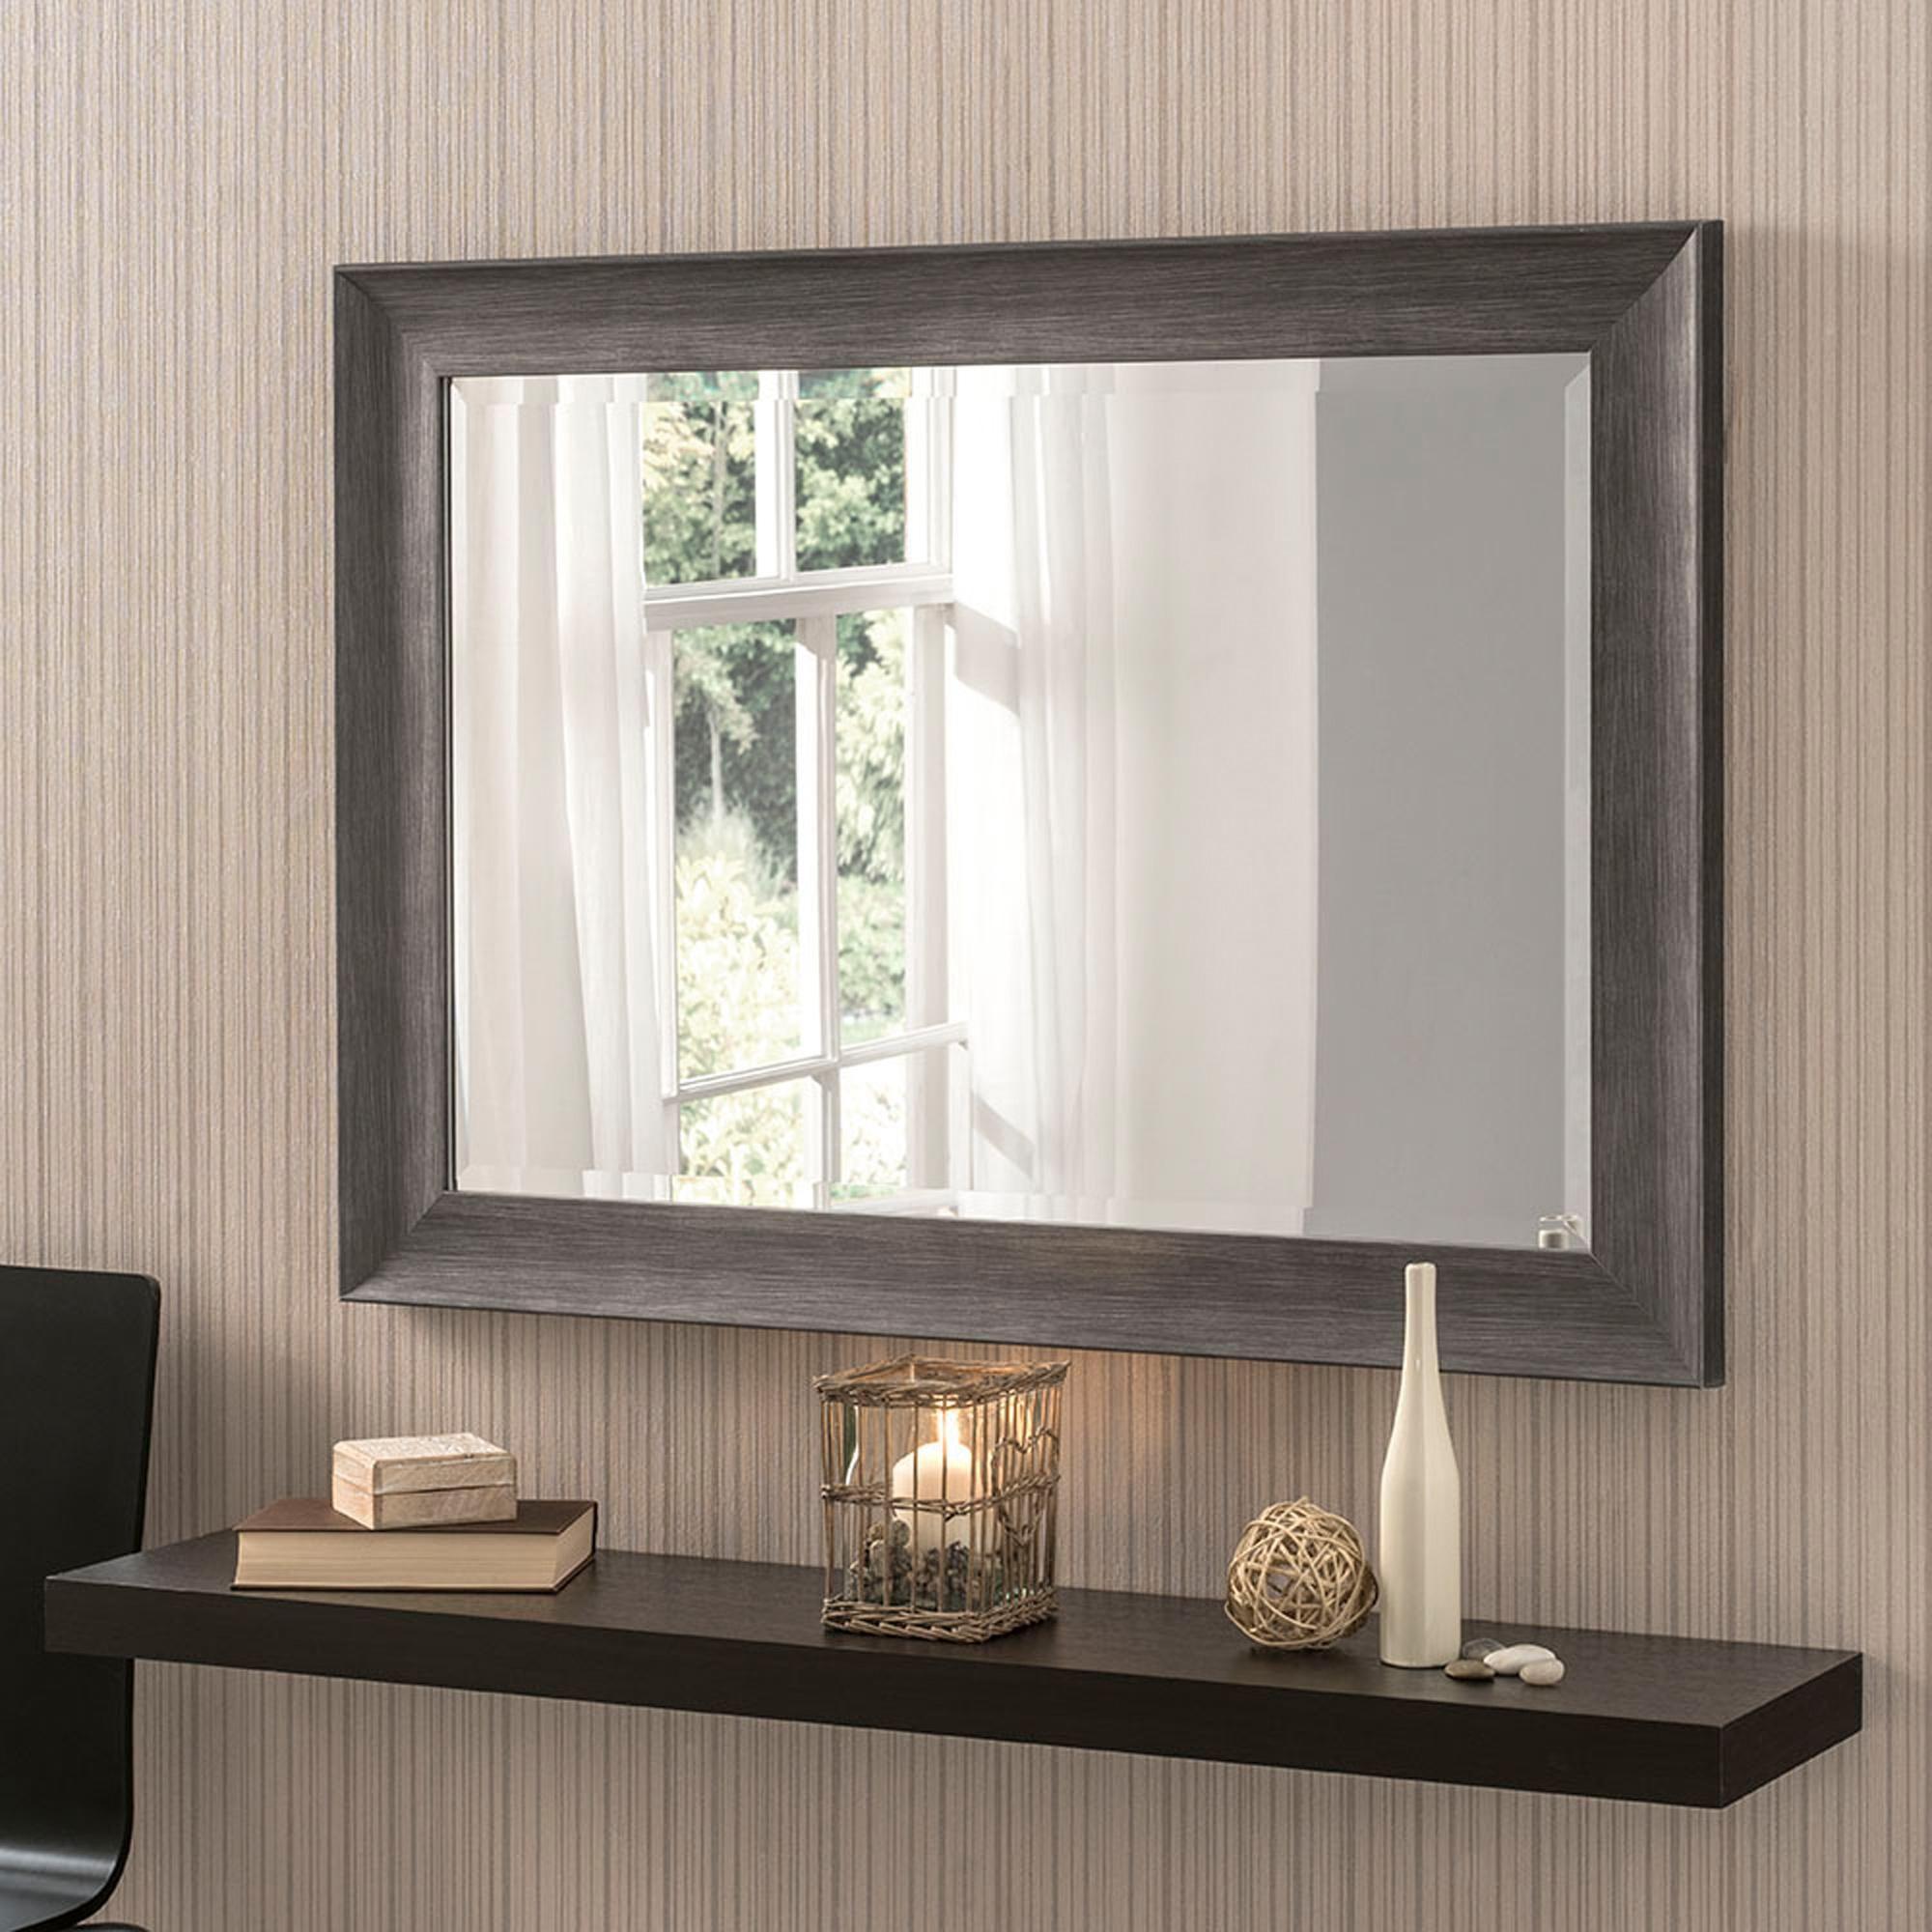 Yearn Framed Mirror Dark Grey In 2020 Grey Wall Mirrors Dark Grey Walls Home Decor